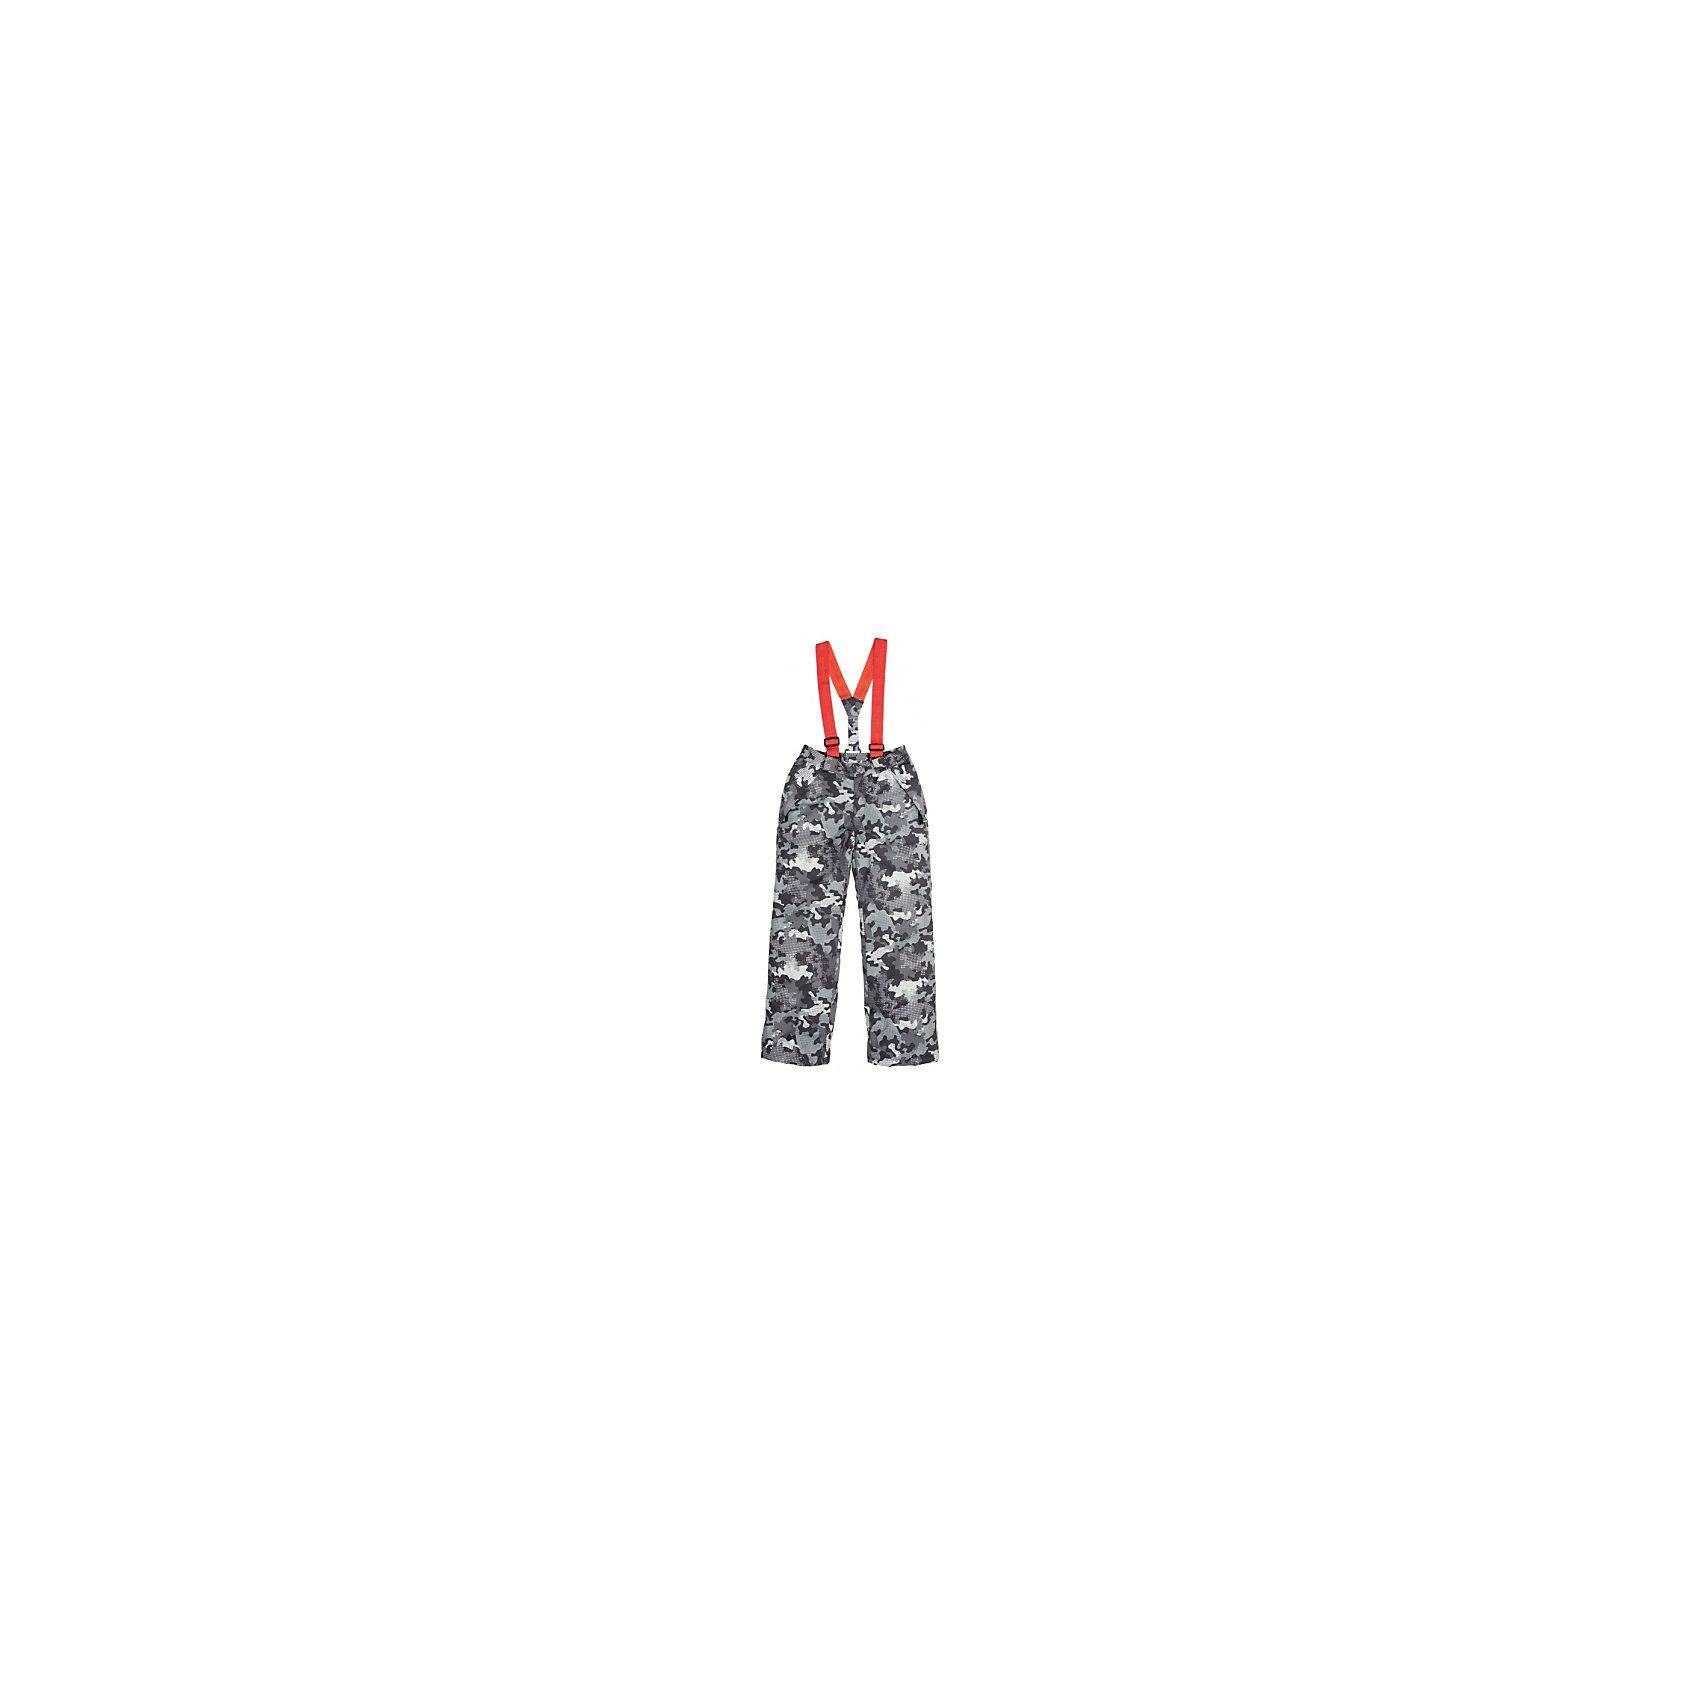 Полукомбинезон для мальчика ScoolПолукомбинезон для мальчика Scool – идеальный вариант для любой погоды.<br>Утепленные брюки с бретелями, регулируемыми по длине. Сделан полукомбинезон из непромокаемого материала. Низ штанин затягивается стоперами. Есть специальная подкладка, надевающаяся на сапоги, против попадания снега. Два кармана на молнии также защищены от попадания снега. Полукомбинезон застегивается на молнию и кнопку с липучкой. <br><br>Дополнительная информация:<br><br>- материал: верх и подкладка – 100% полиэстер, наполнитель 100% полиэстер<br>- цвет: серый, милитари<br><br>Полукомбинезон для мальчика Scool можно купить в нашем интернет магазине.<br><br>Ширина мм: 215<br>Глубина мм: 88<br>Высота мм: 191<br>Вес г: 336<br>Цвет: серый<br>Возраст от месяцев: 120<br>Возраст до месяцев: 132<br>Пол: Мужской<br>Возраст: Детский<br>Размер: 146,164,152,140,158,134<br>SKU: 4911558